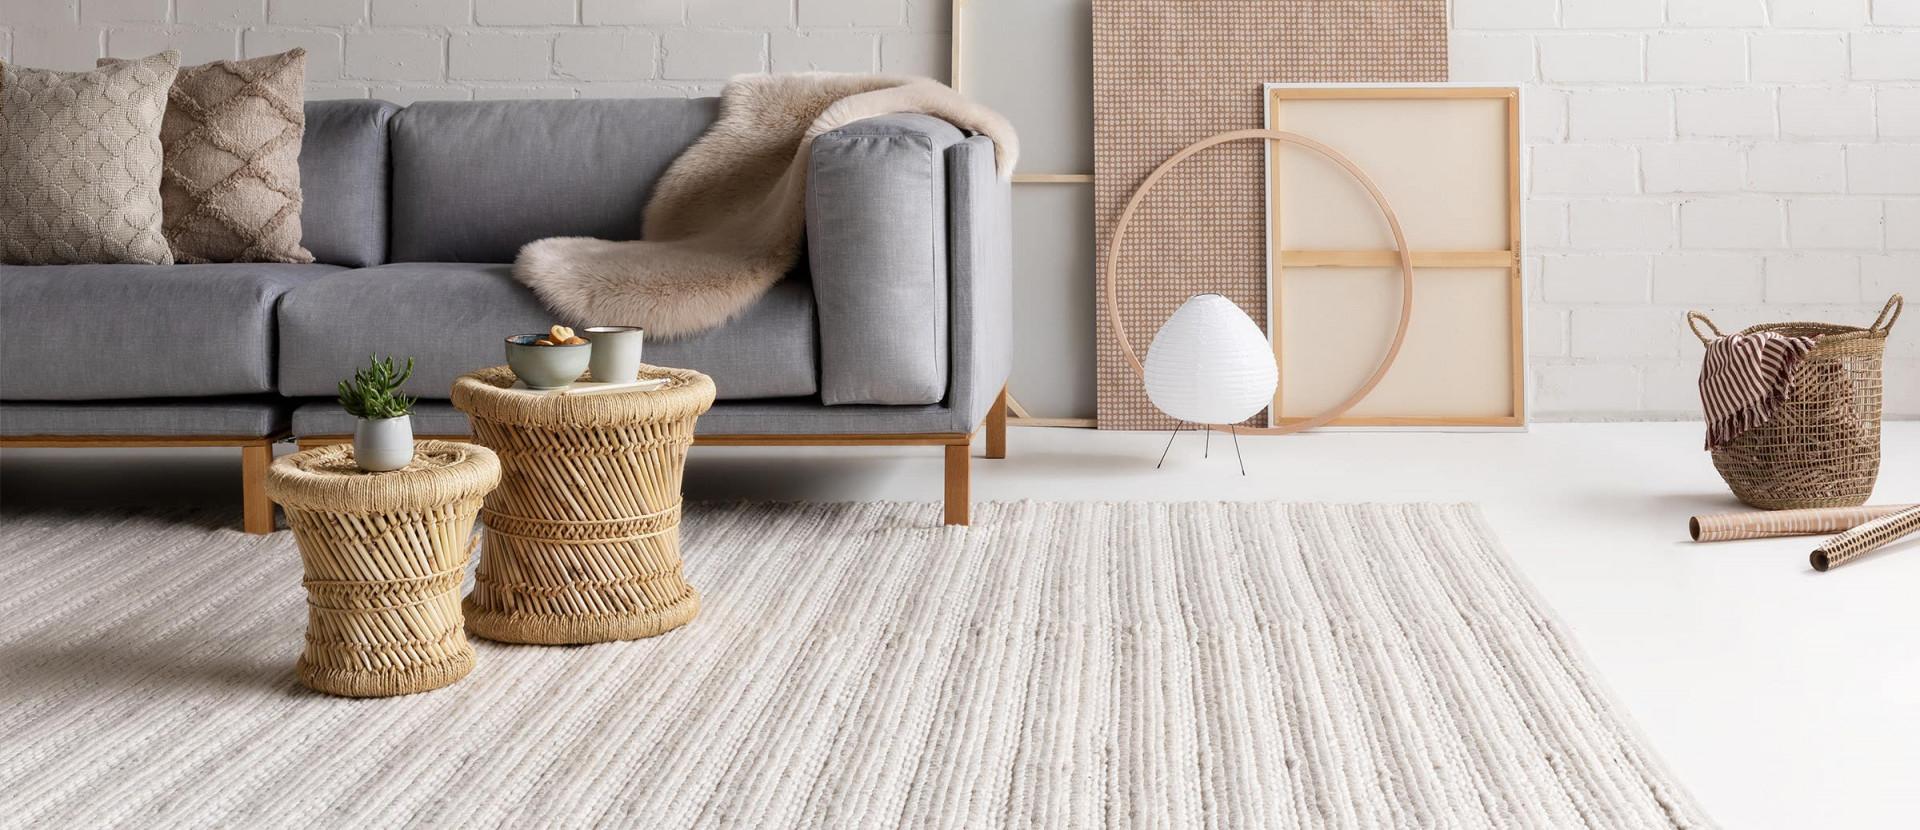 Welcher Teppich Passt Zu Mir  Hilfreiche Tipps von Pflegeleichter Teppich Wohnzimmer Bild